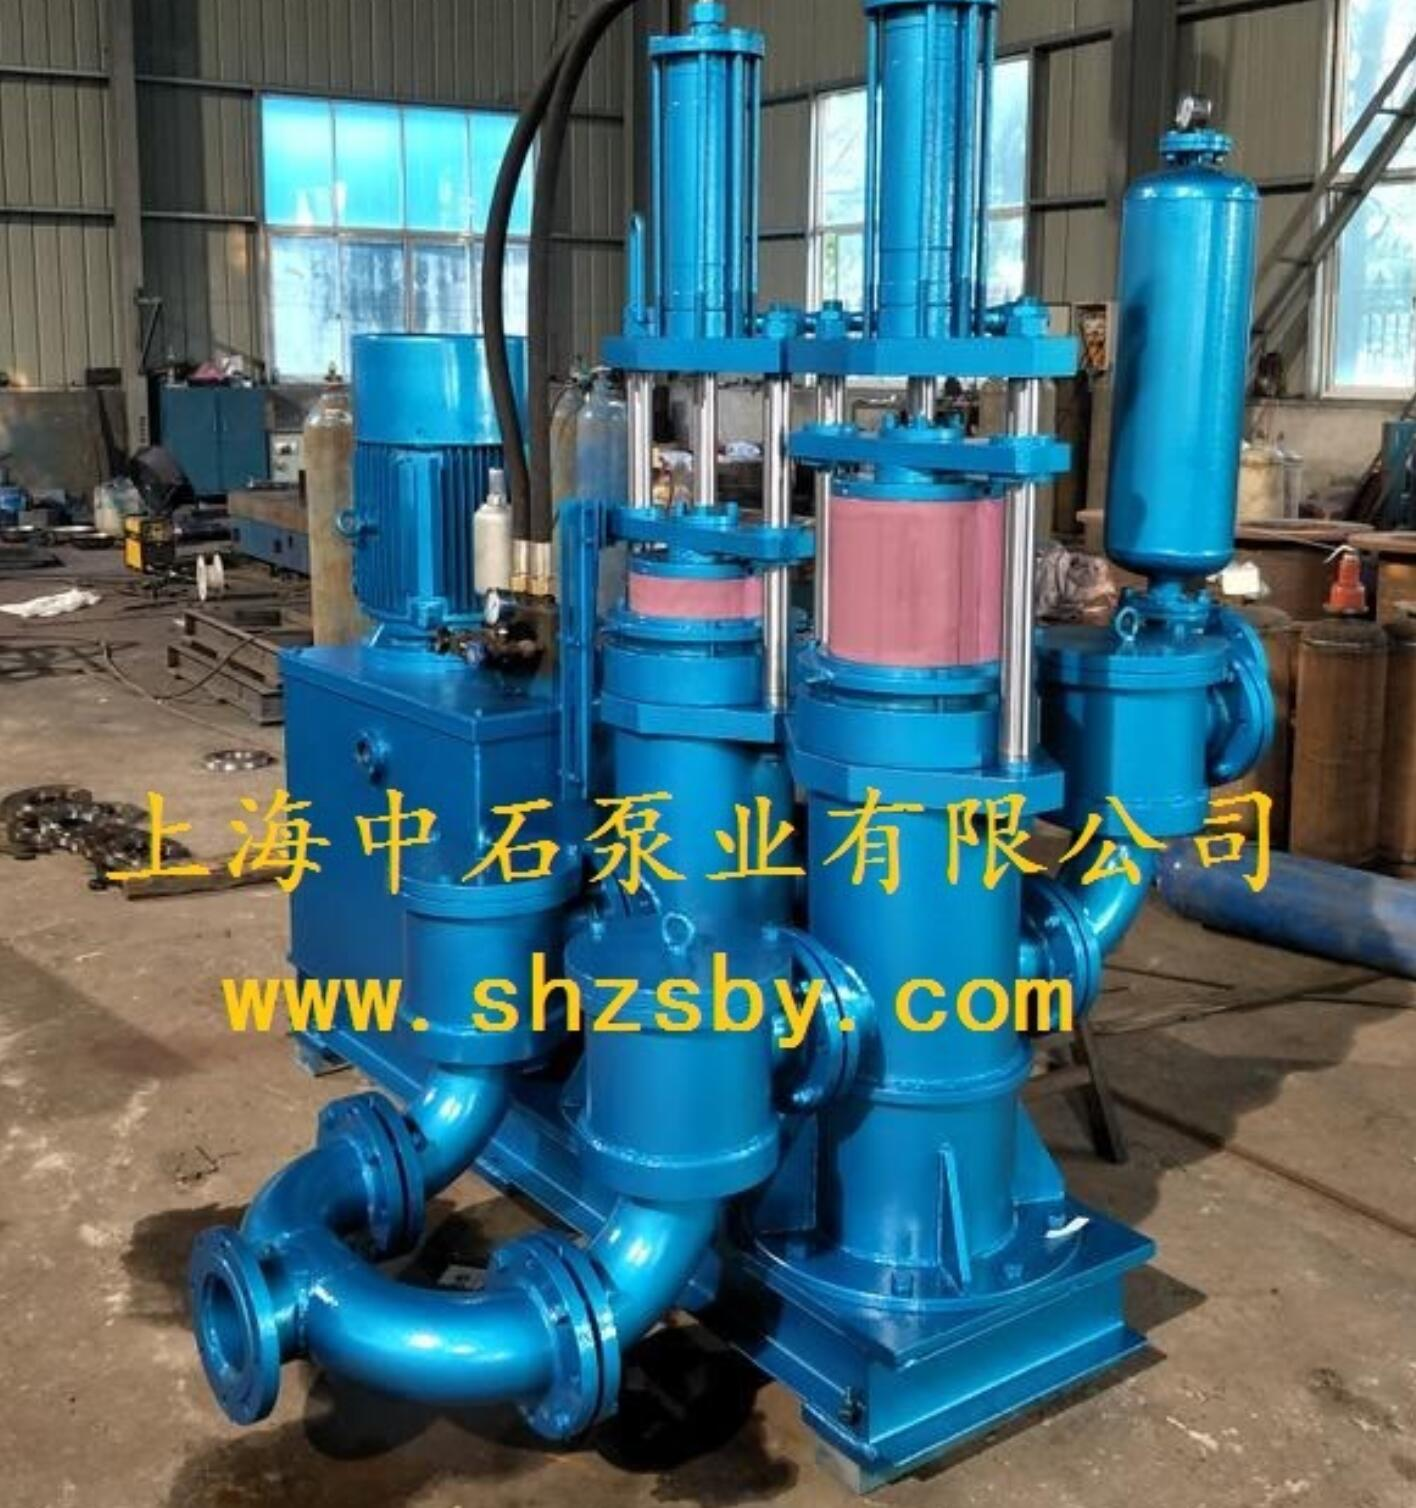 柱塞泥浆泵 液压驱动污泥柱塞泵 陶瓷泥浆液压柱塞泵 上海中石泵业有限公司